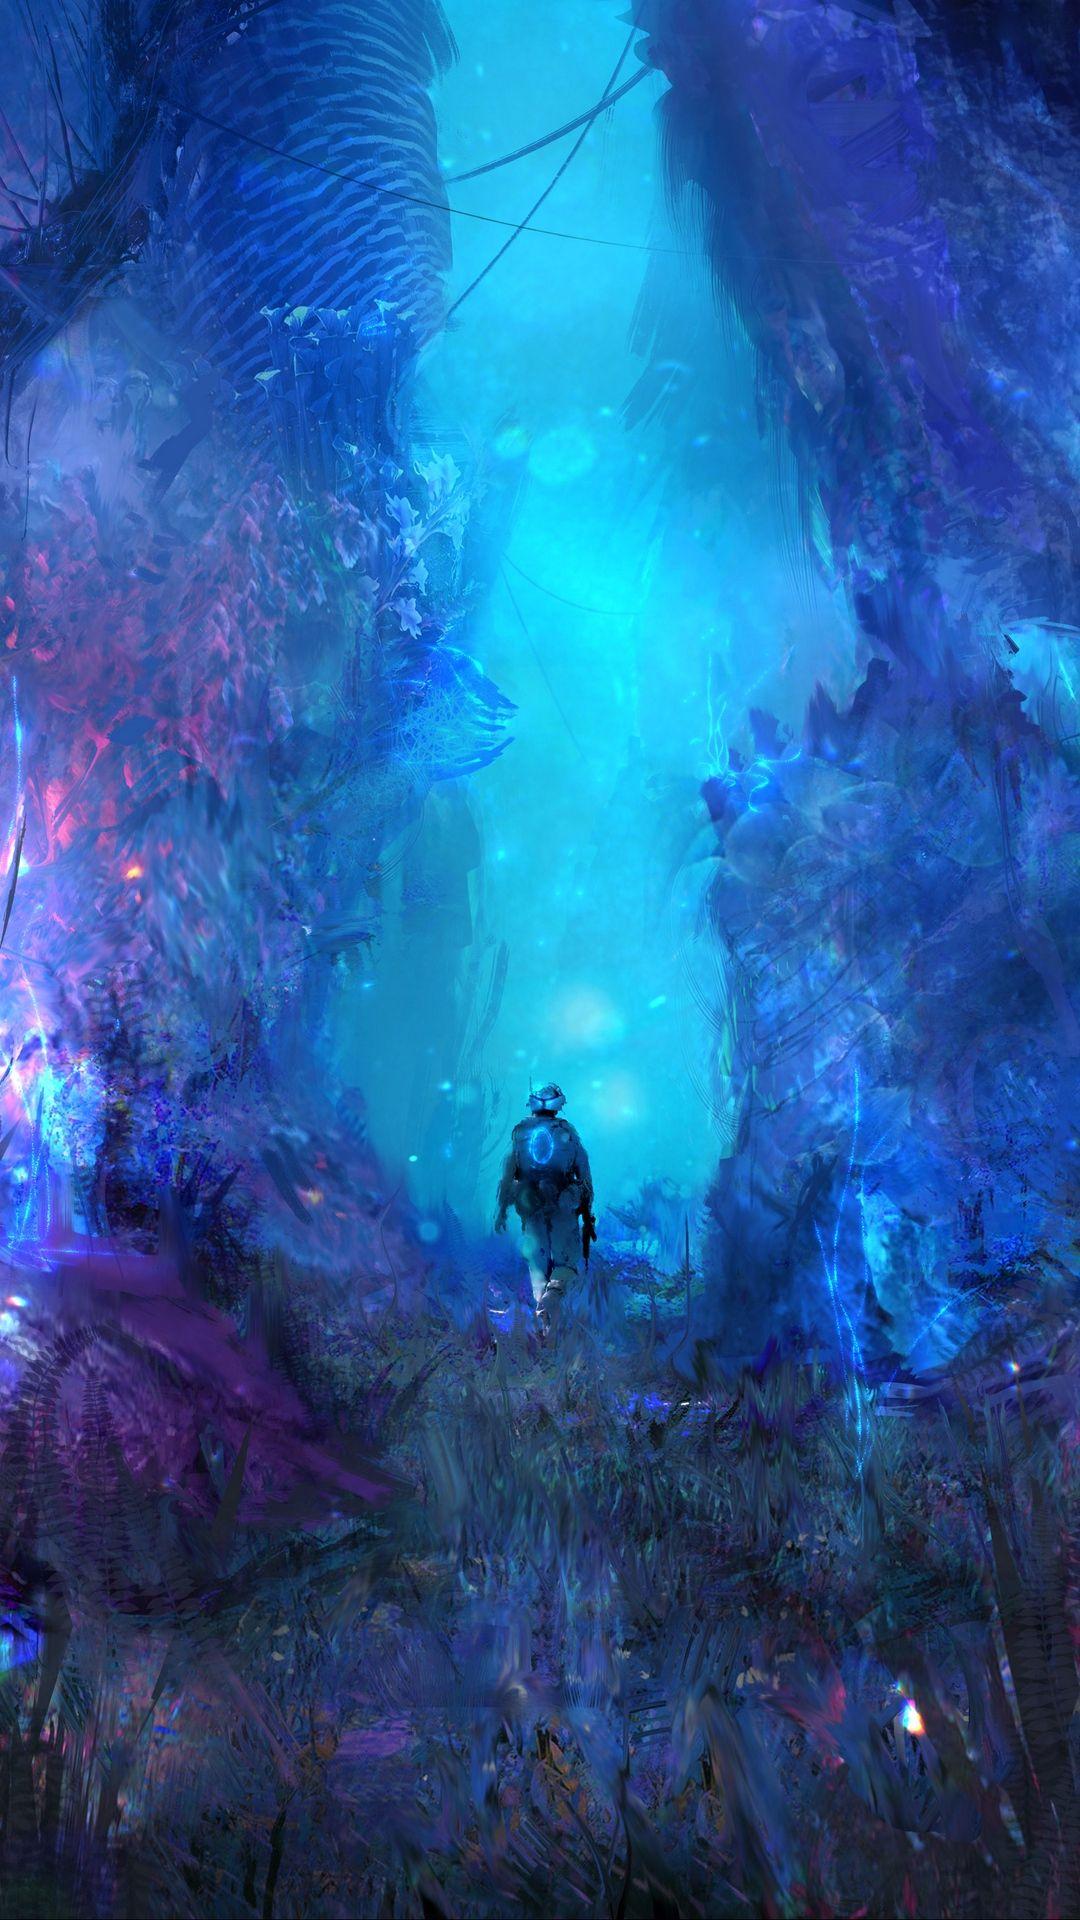 Neon Forest Art